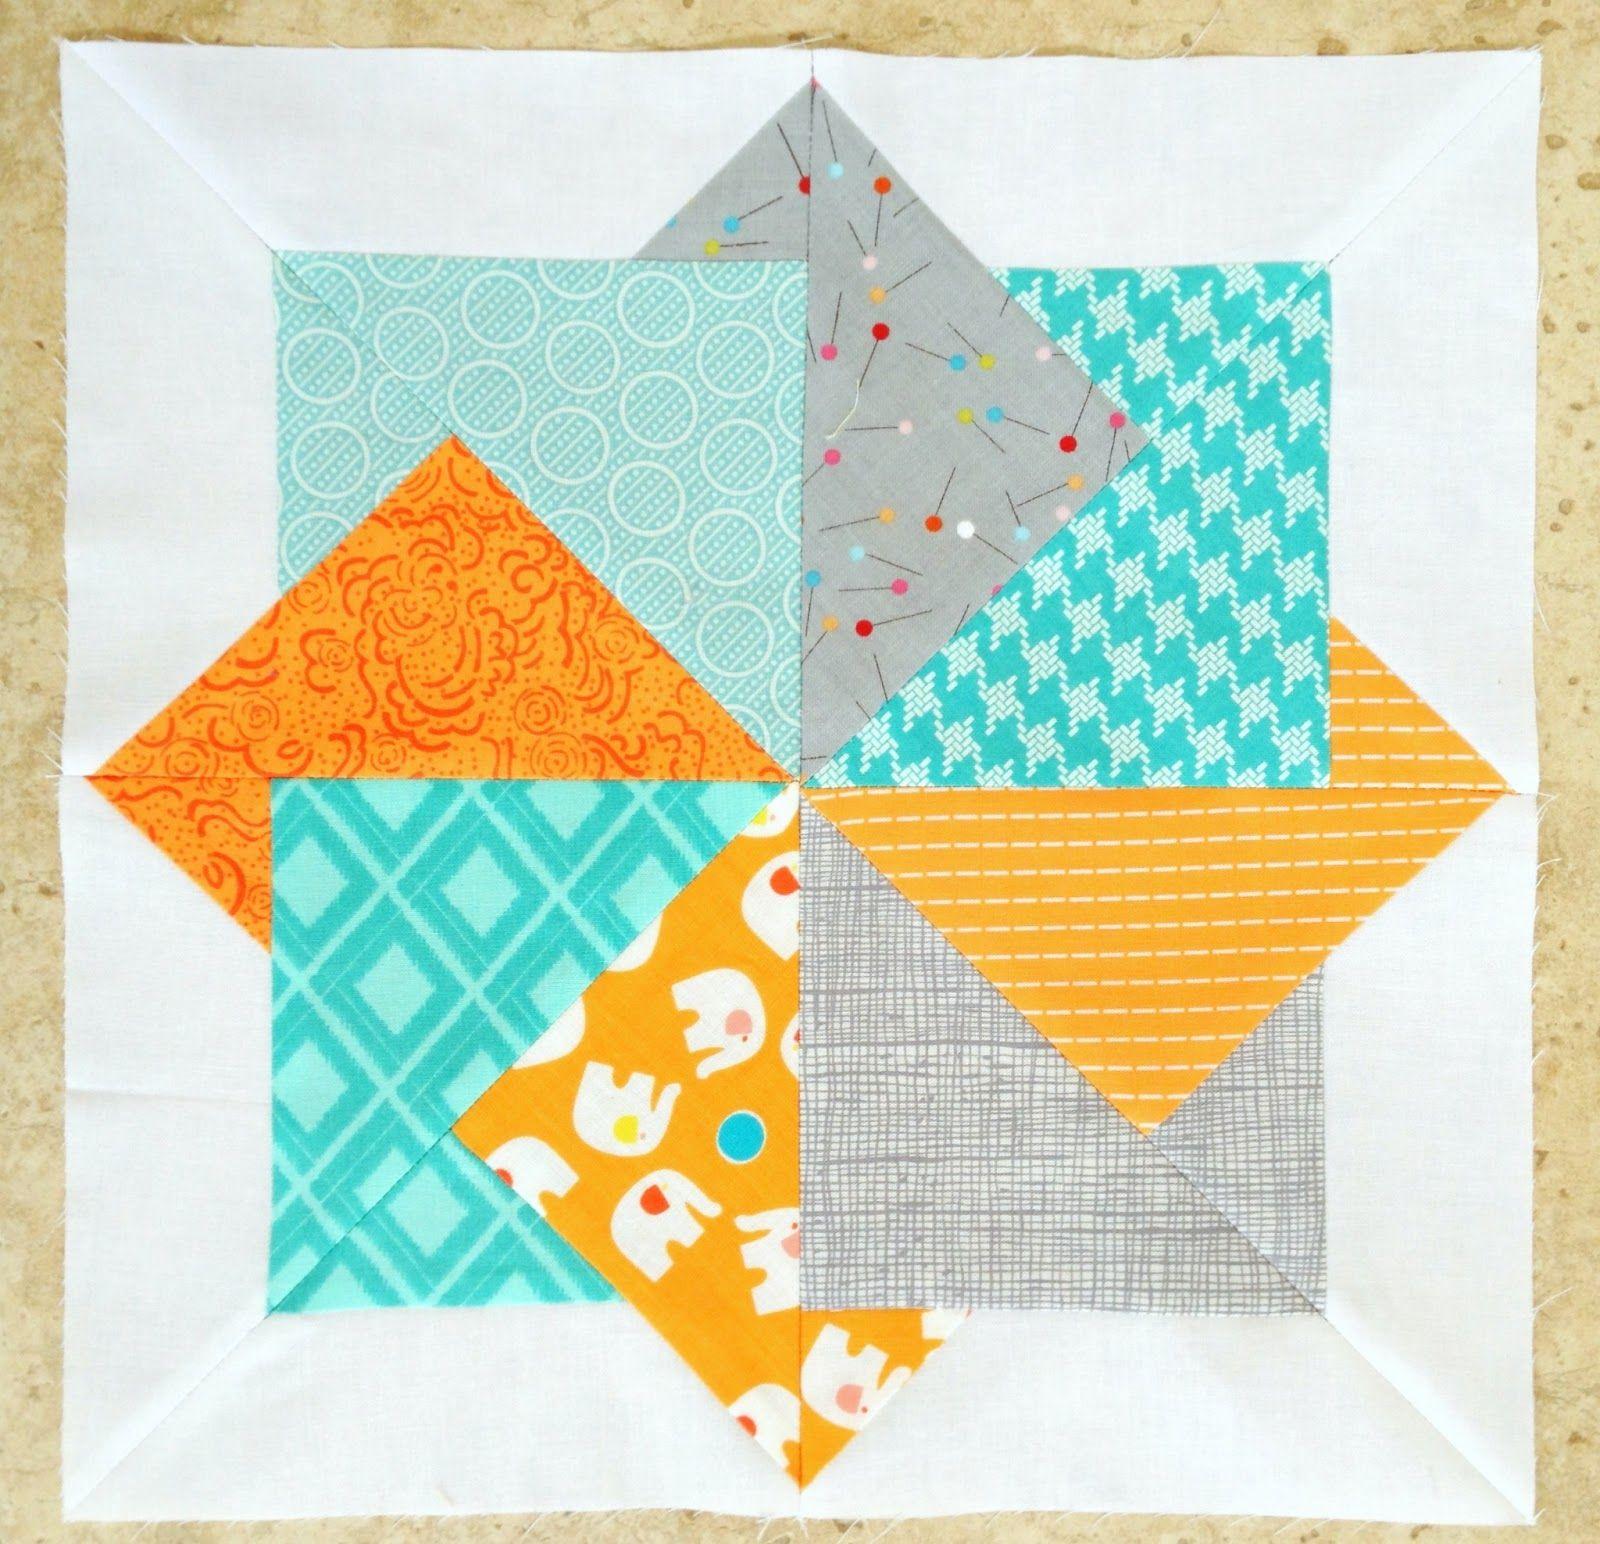 Craft Sew Create: Super Card Trick Block Pattern! | Paper-piecing ... : card trick quilt block - Adamdwight.com